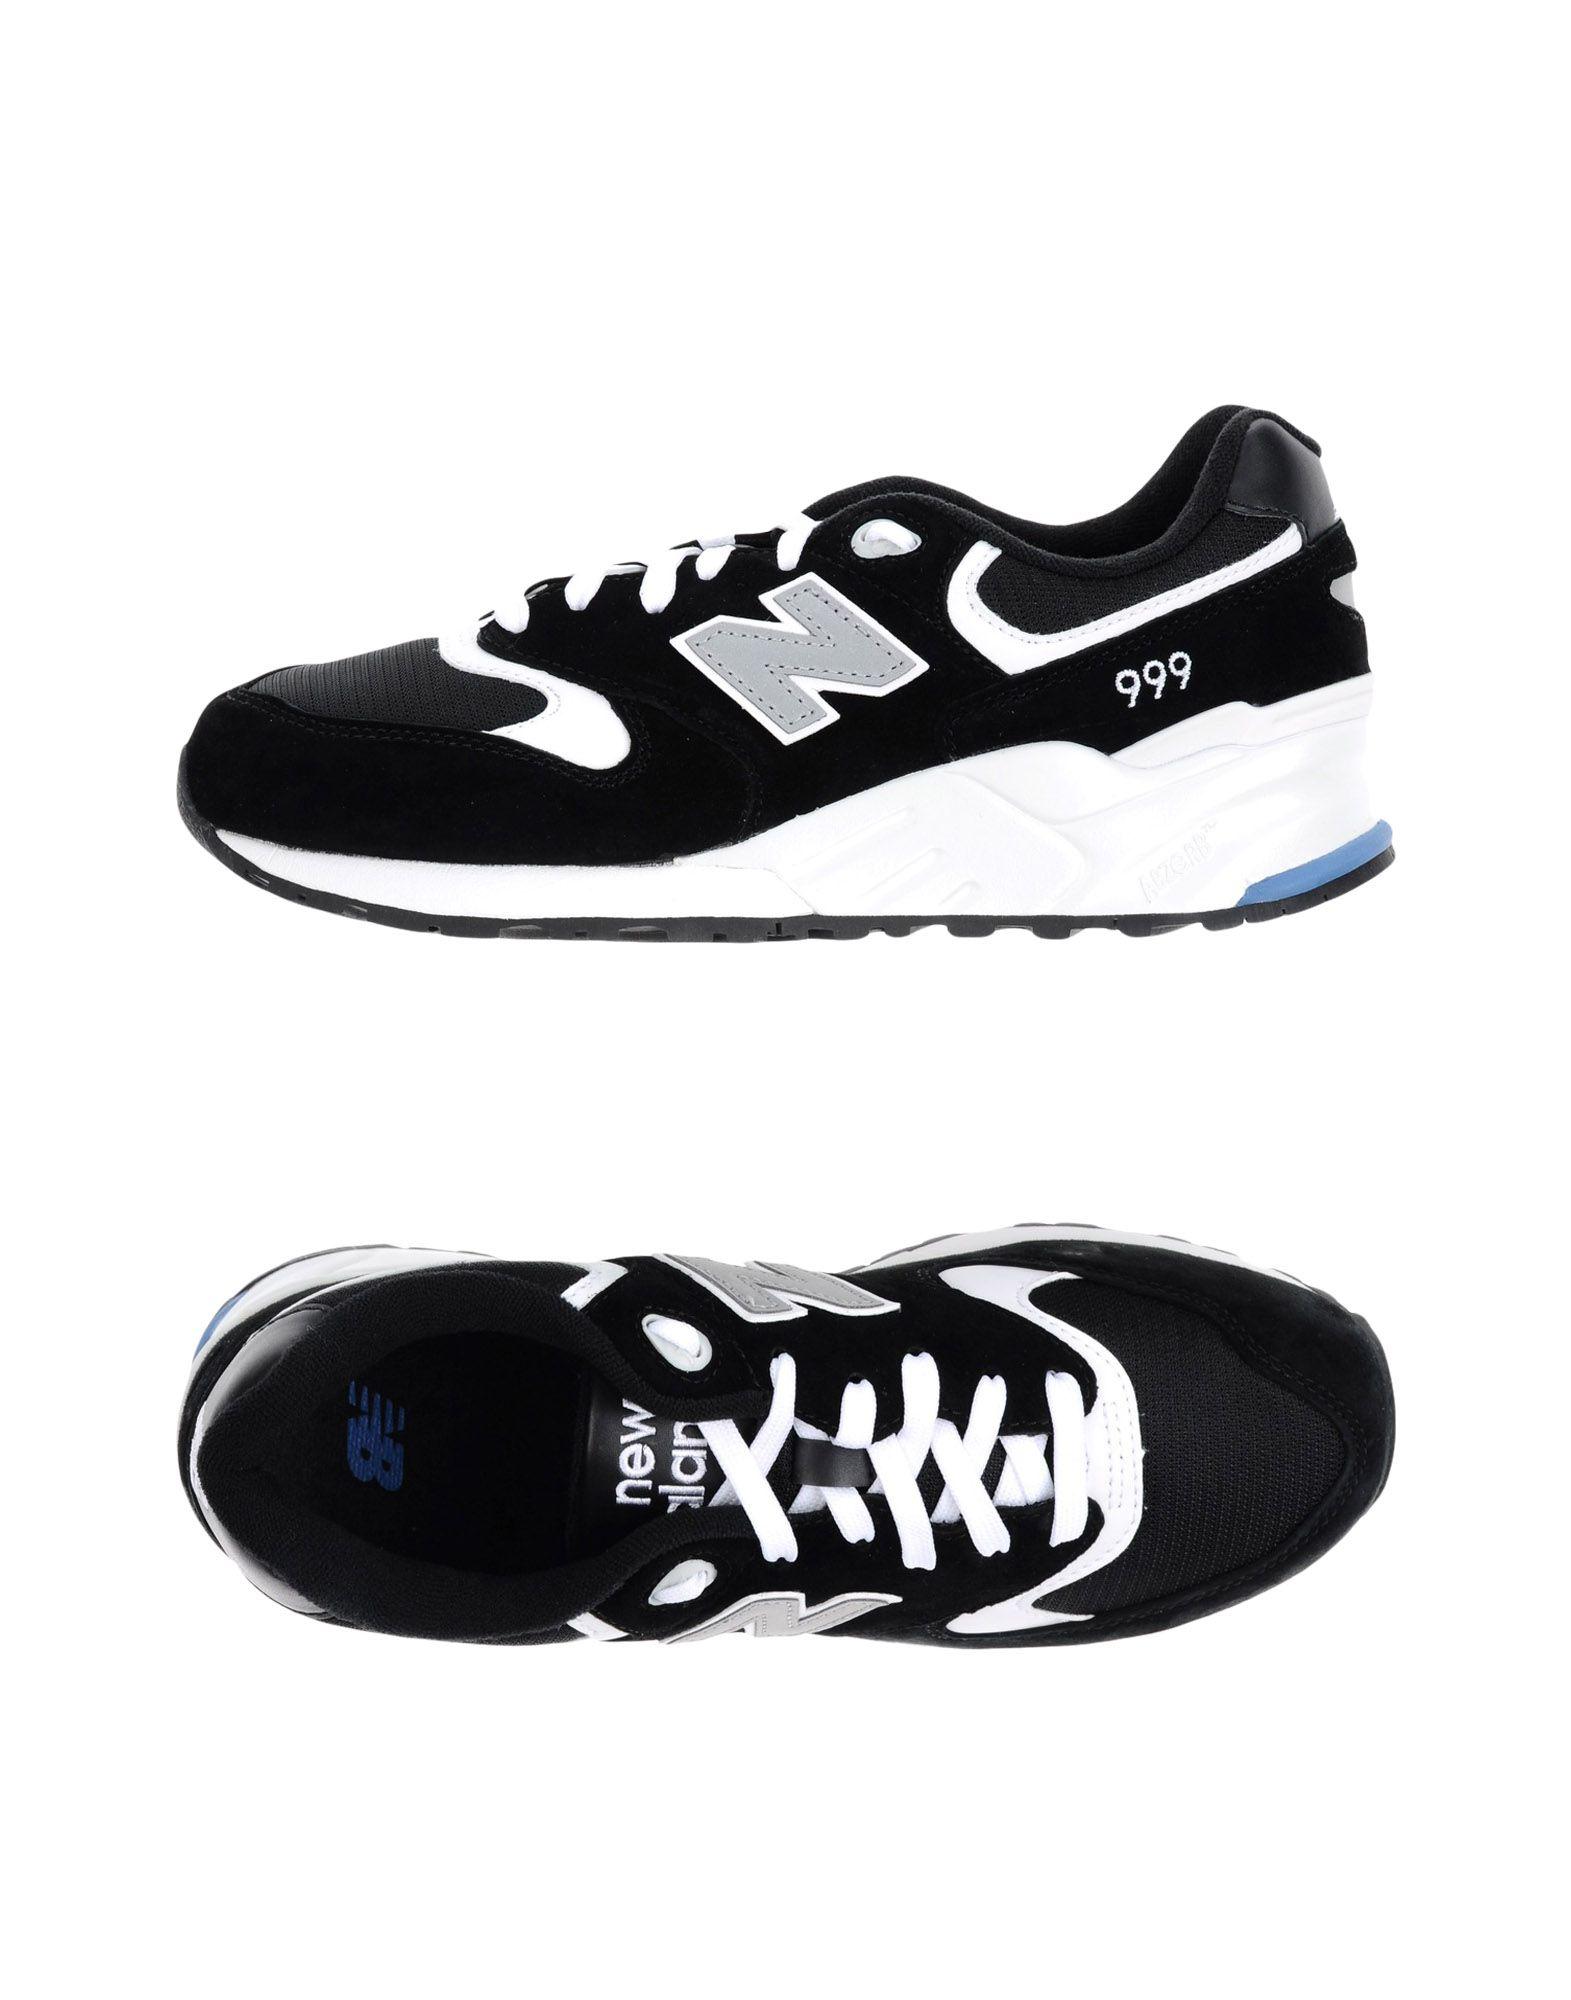 Rabatt Sneakers echte Schuhe New Balance Sneakers Rabatt Herren  11287344LQ bcaa2c